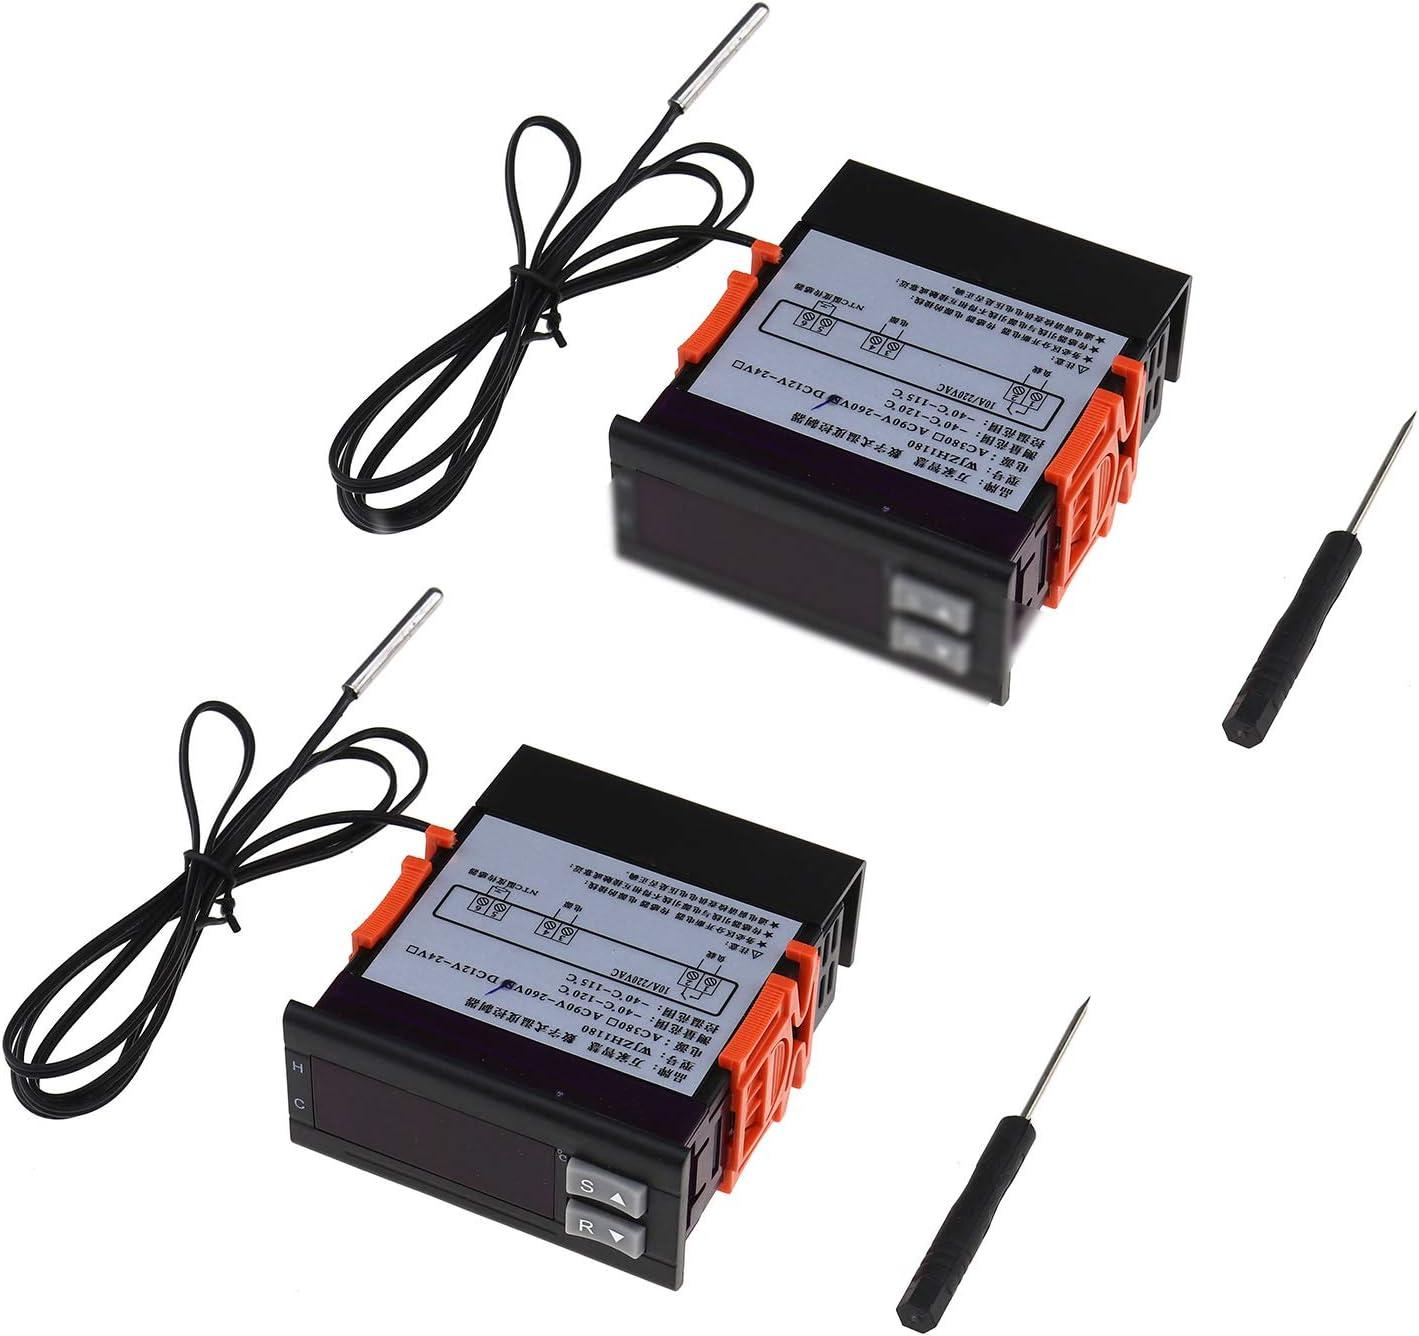 Noir et Rouge ENET 2X 220V 10A Contr/ôleur de Temp/érature Thermostat /Électronique Num/érique LCD avec Ligne de Sonde de Temp/érature et Tournevis /à T/ête Plate